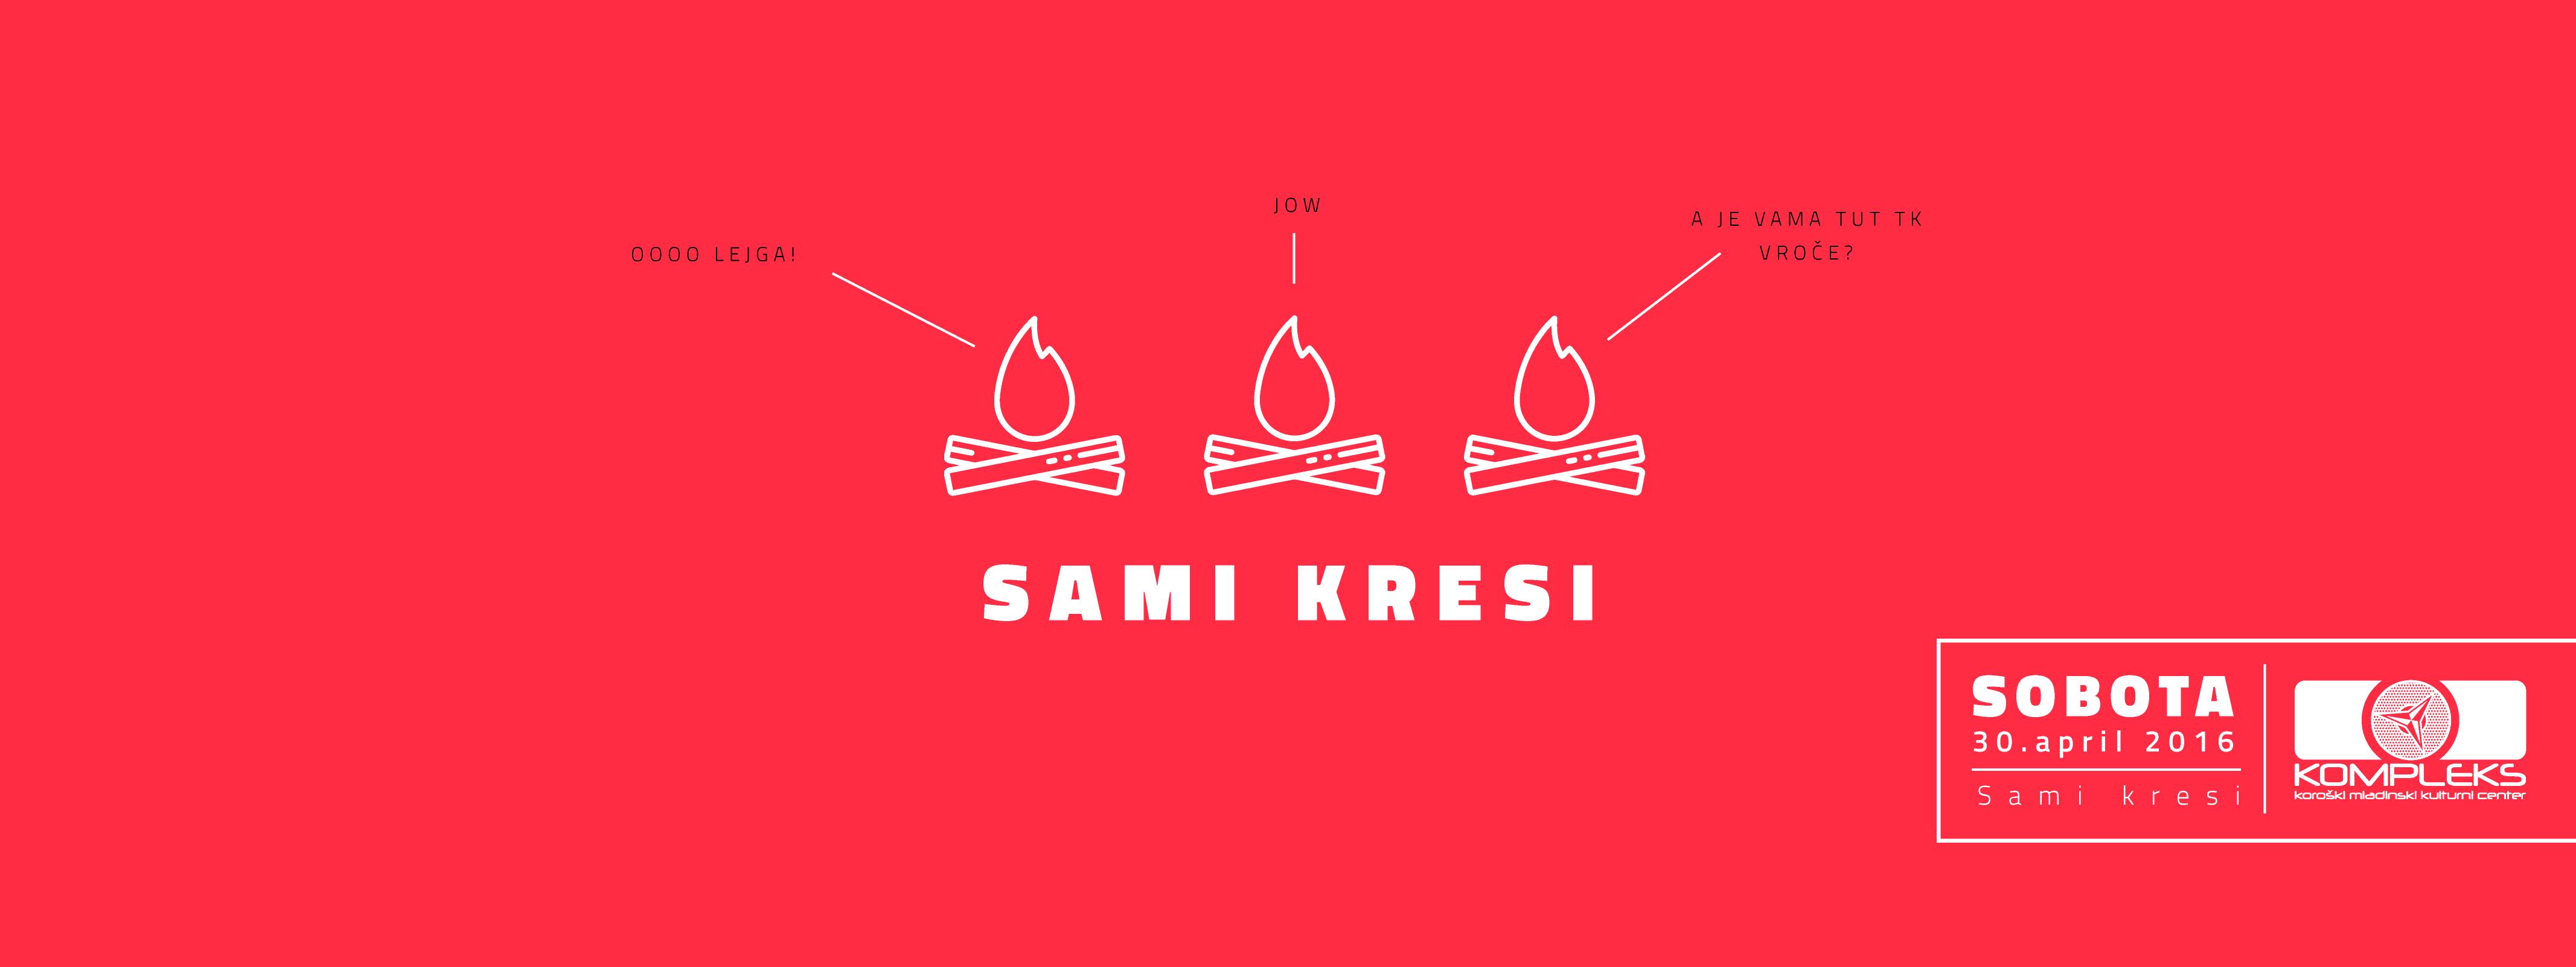 SAMI KRESI-01